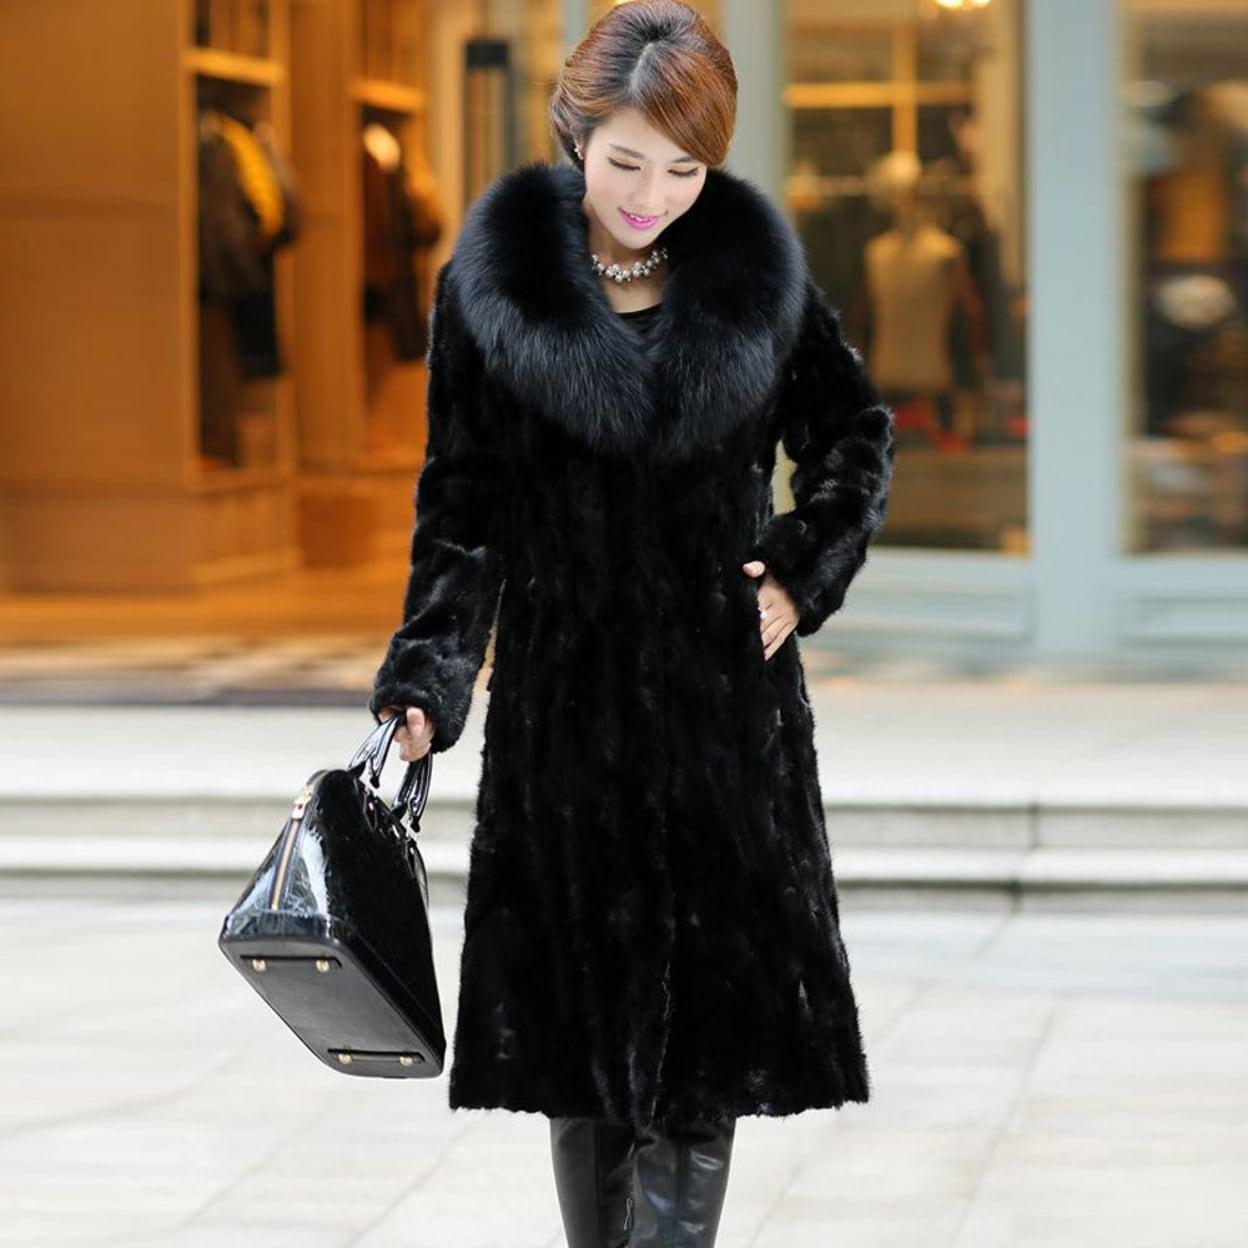 97d493f02 Womens Winter Warm Long Coat Jacket Faux Fur Plus Size Parka Outwear  Cardigan